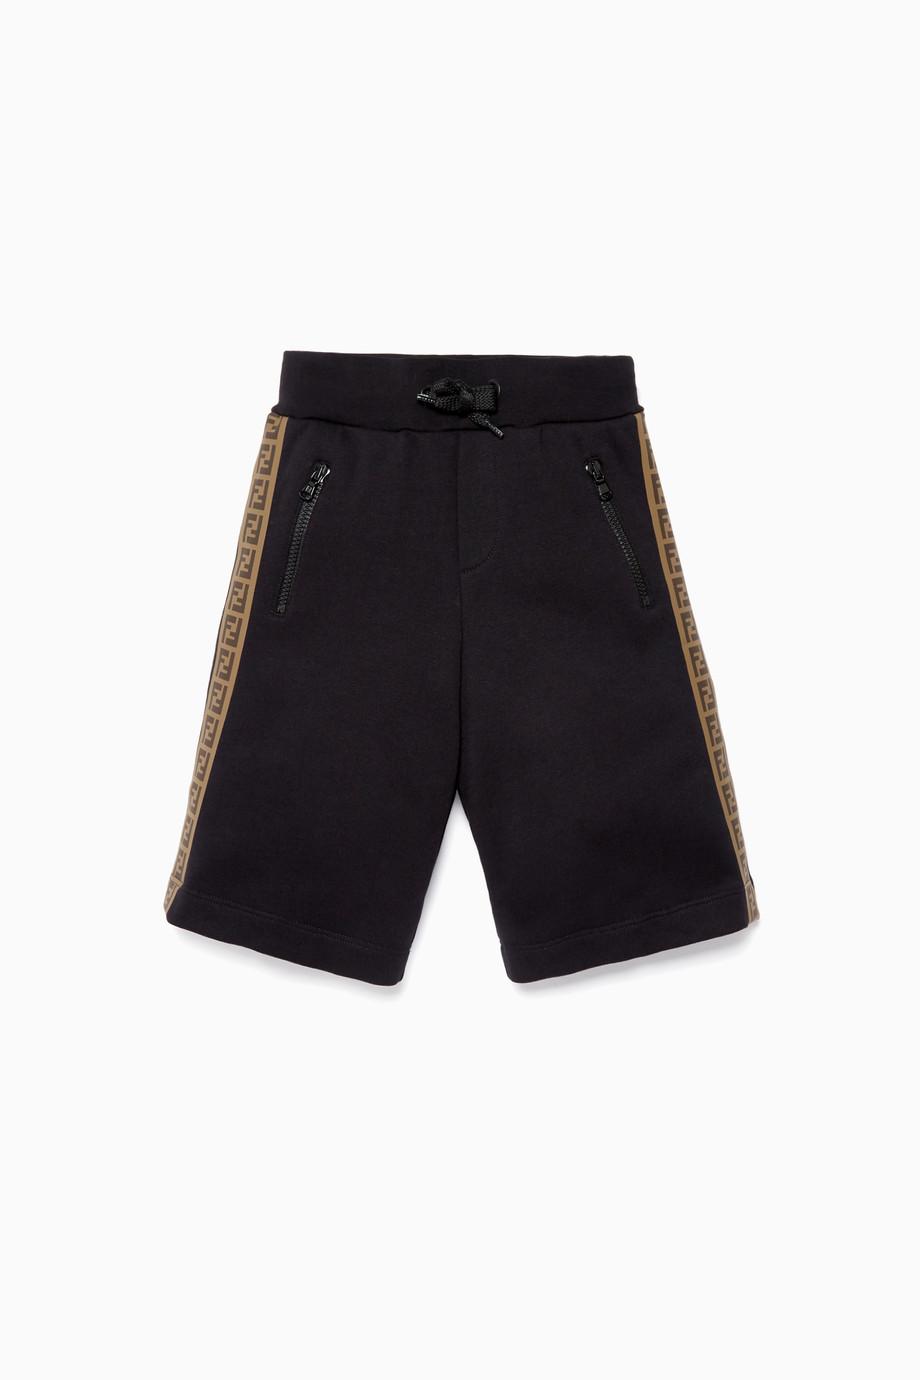 4a91550f4 Shop Fendi Black Black Logo-Tape Drawstring Shorts for Kids